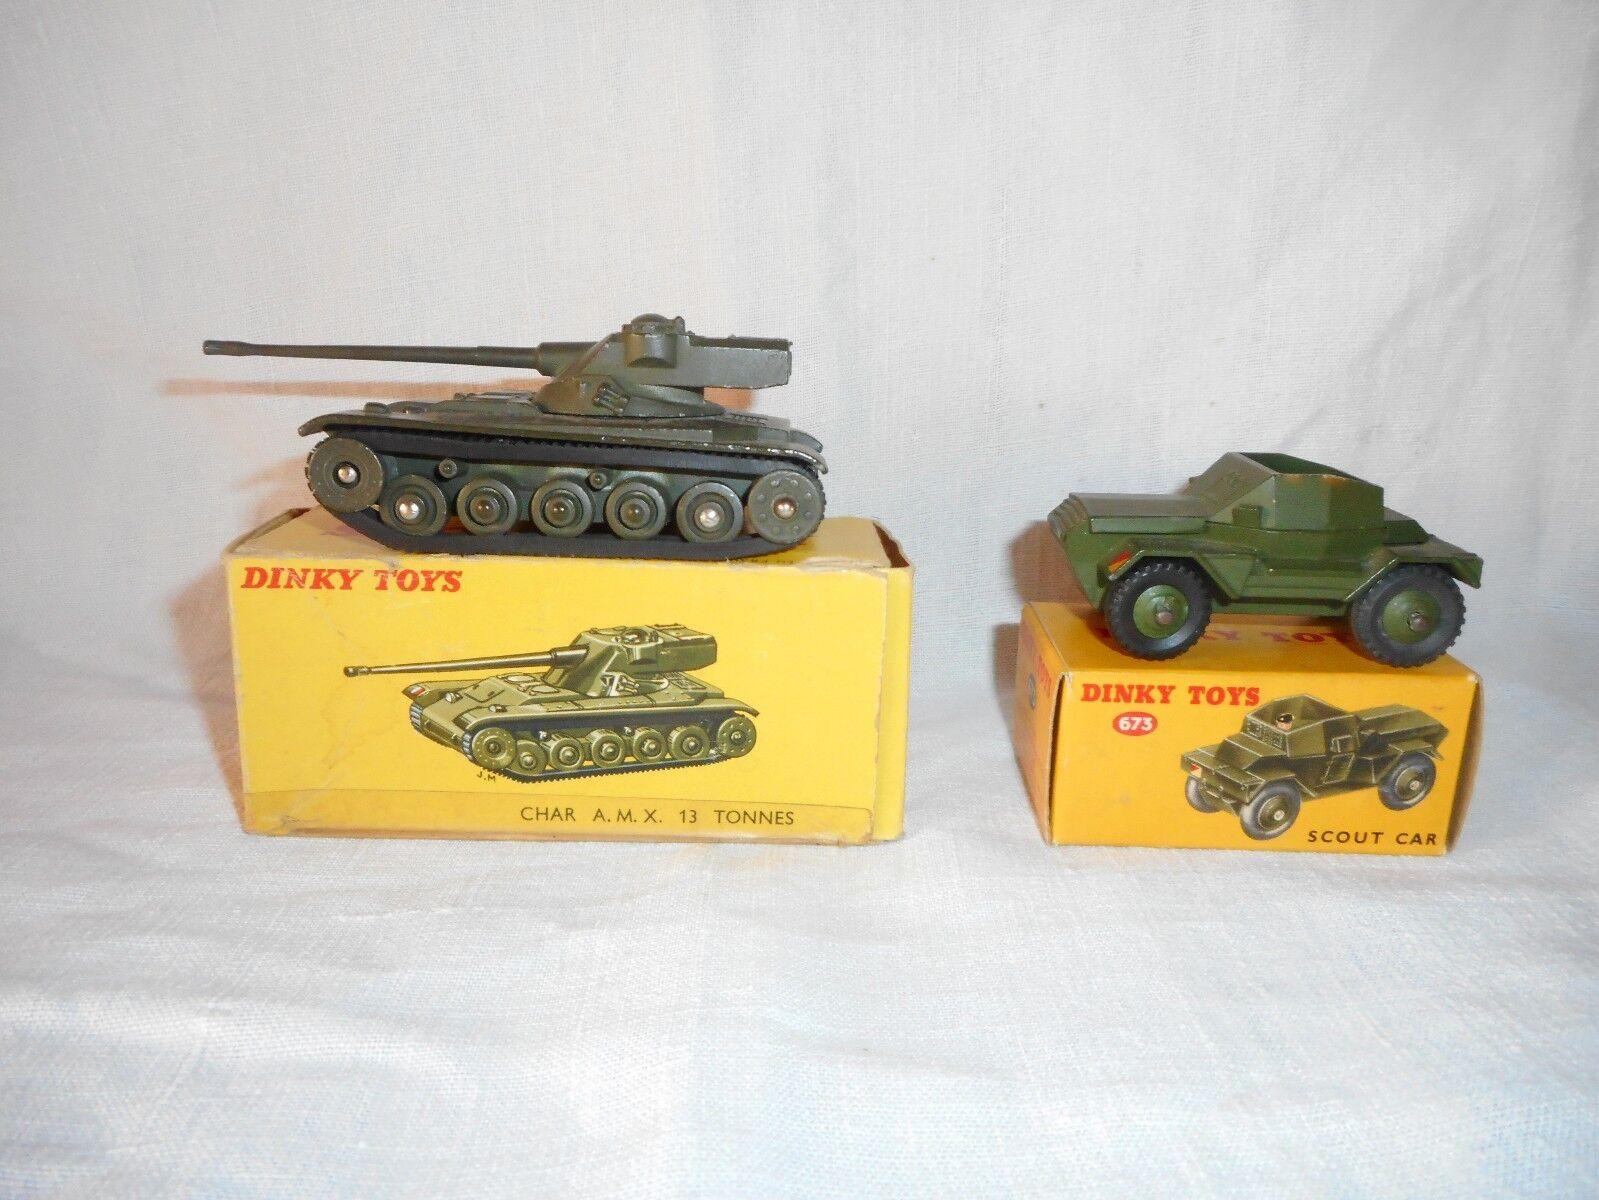 DINKY ancien AMX 13 n° 817   + SCOUT voiture + BOITES D'ORIGINE  livraison gratuite